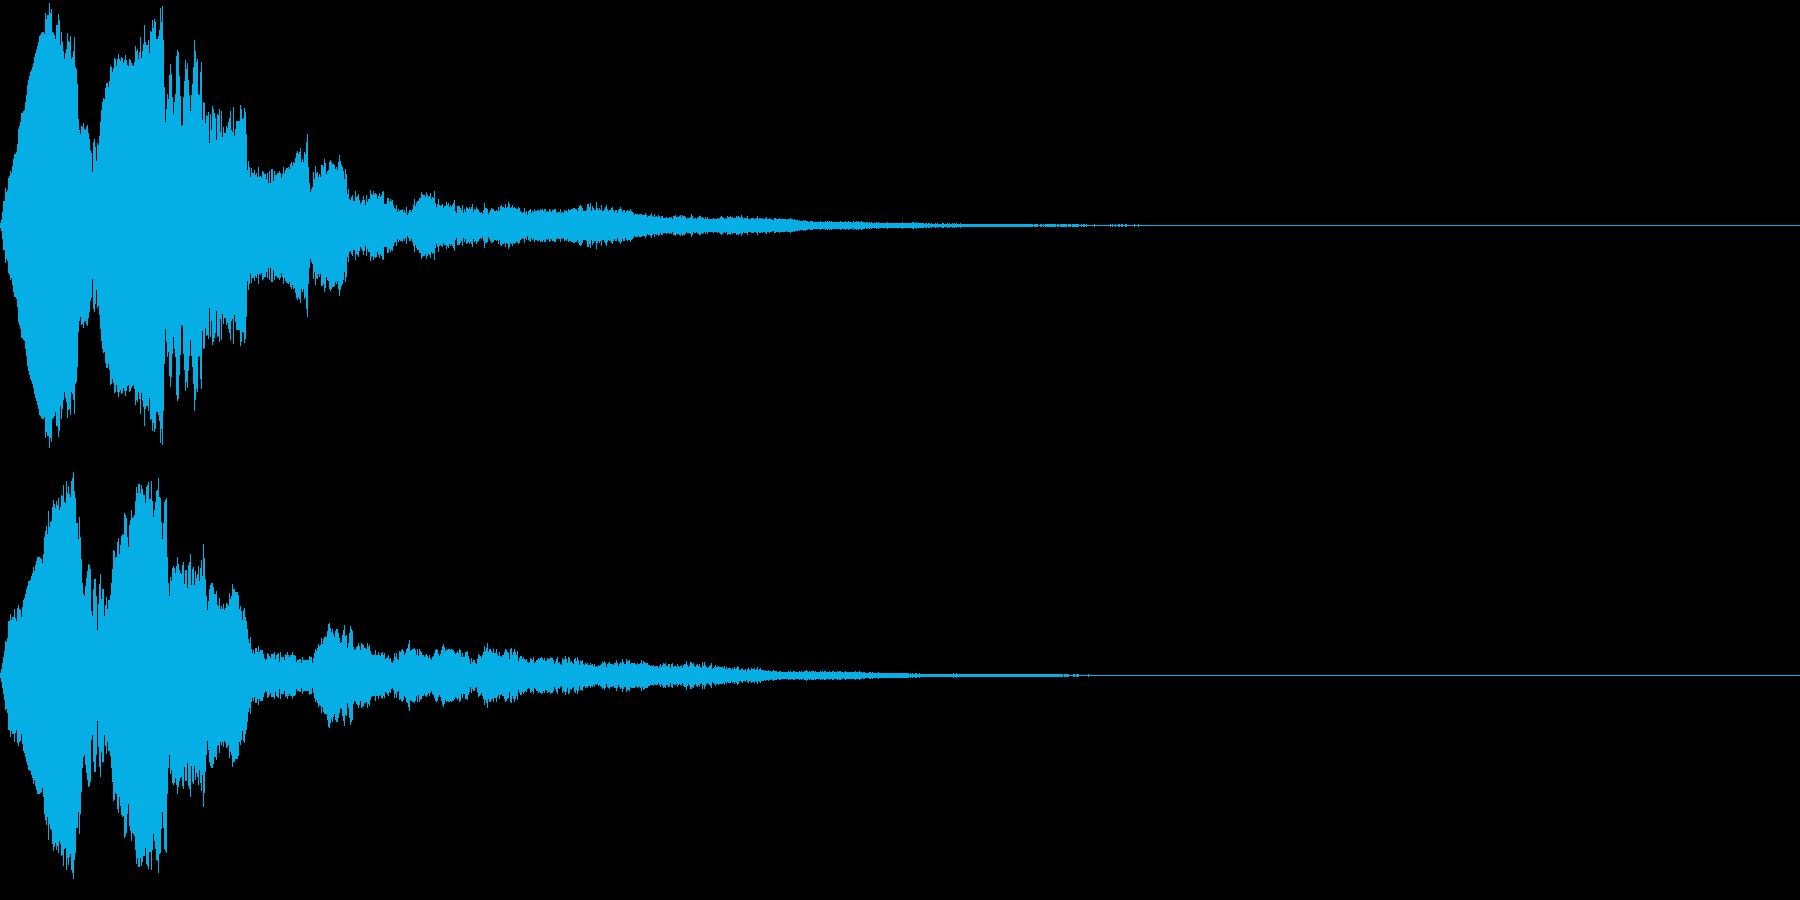 笛 合図 知らせ 呪文 まじない 8の再生済みの波形